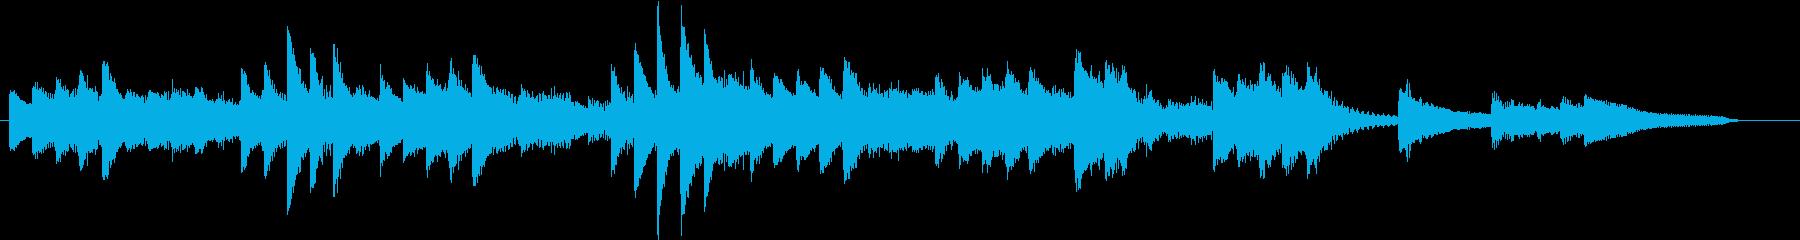 寒々しい冬の寂しく物悲しいピアノジングルの再生済みの波形